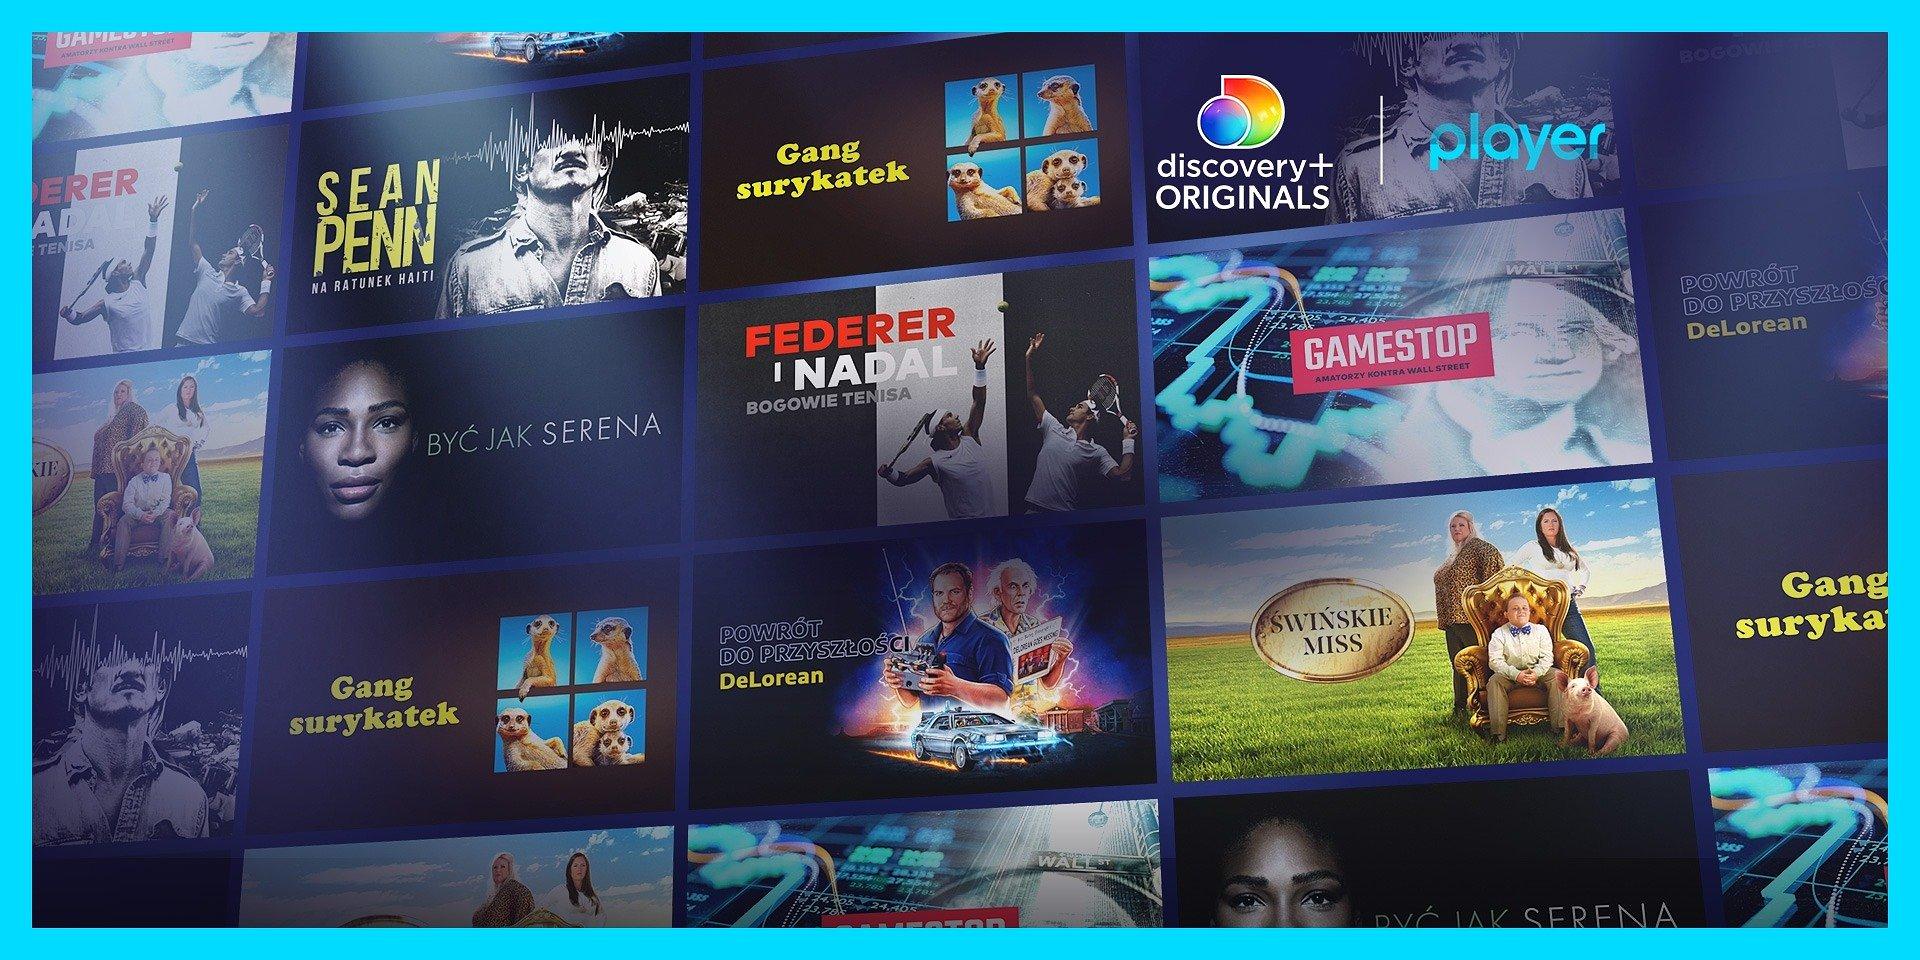 Nowa porcja filmów i serii dokumentalnych discovery+ Originals w Playerze!